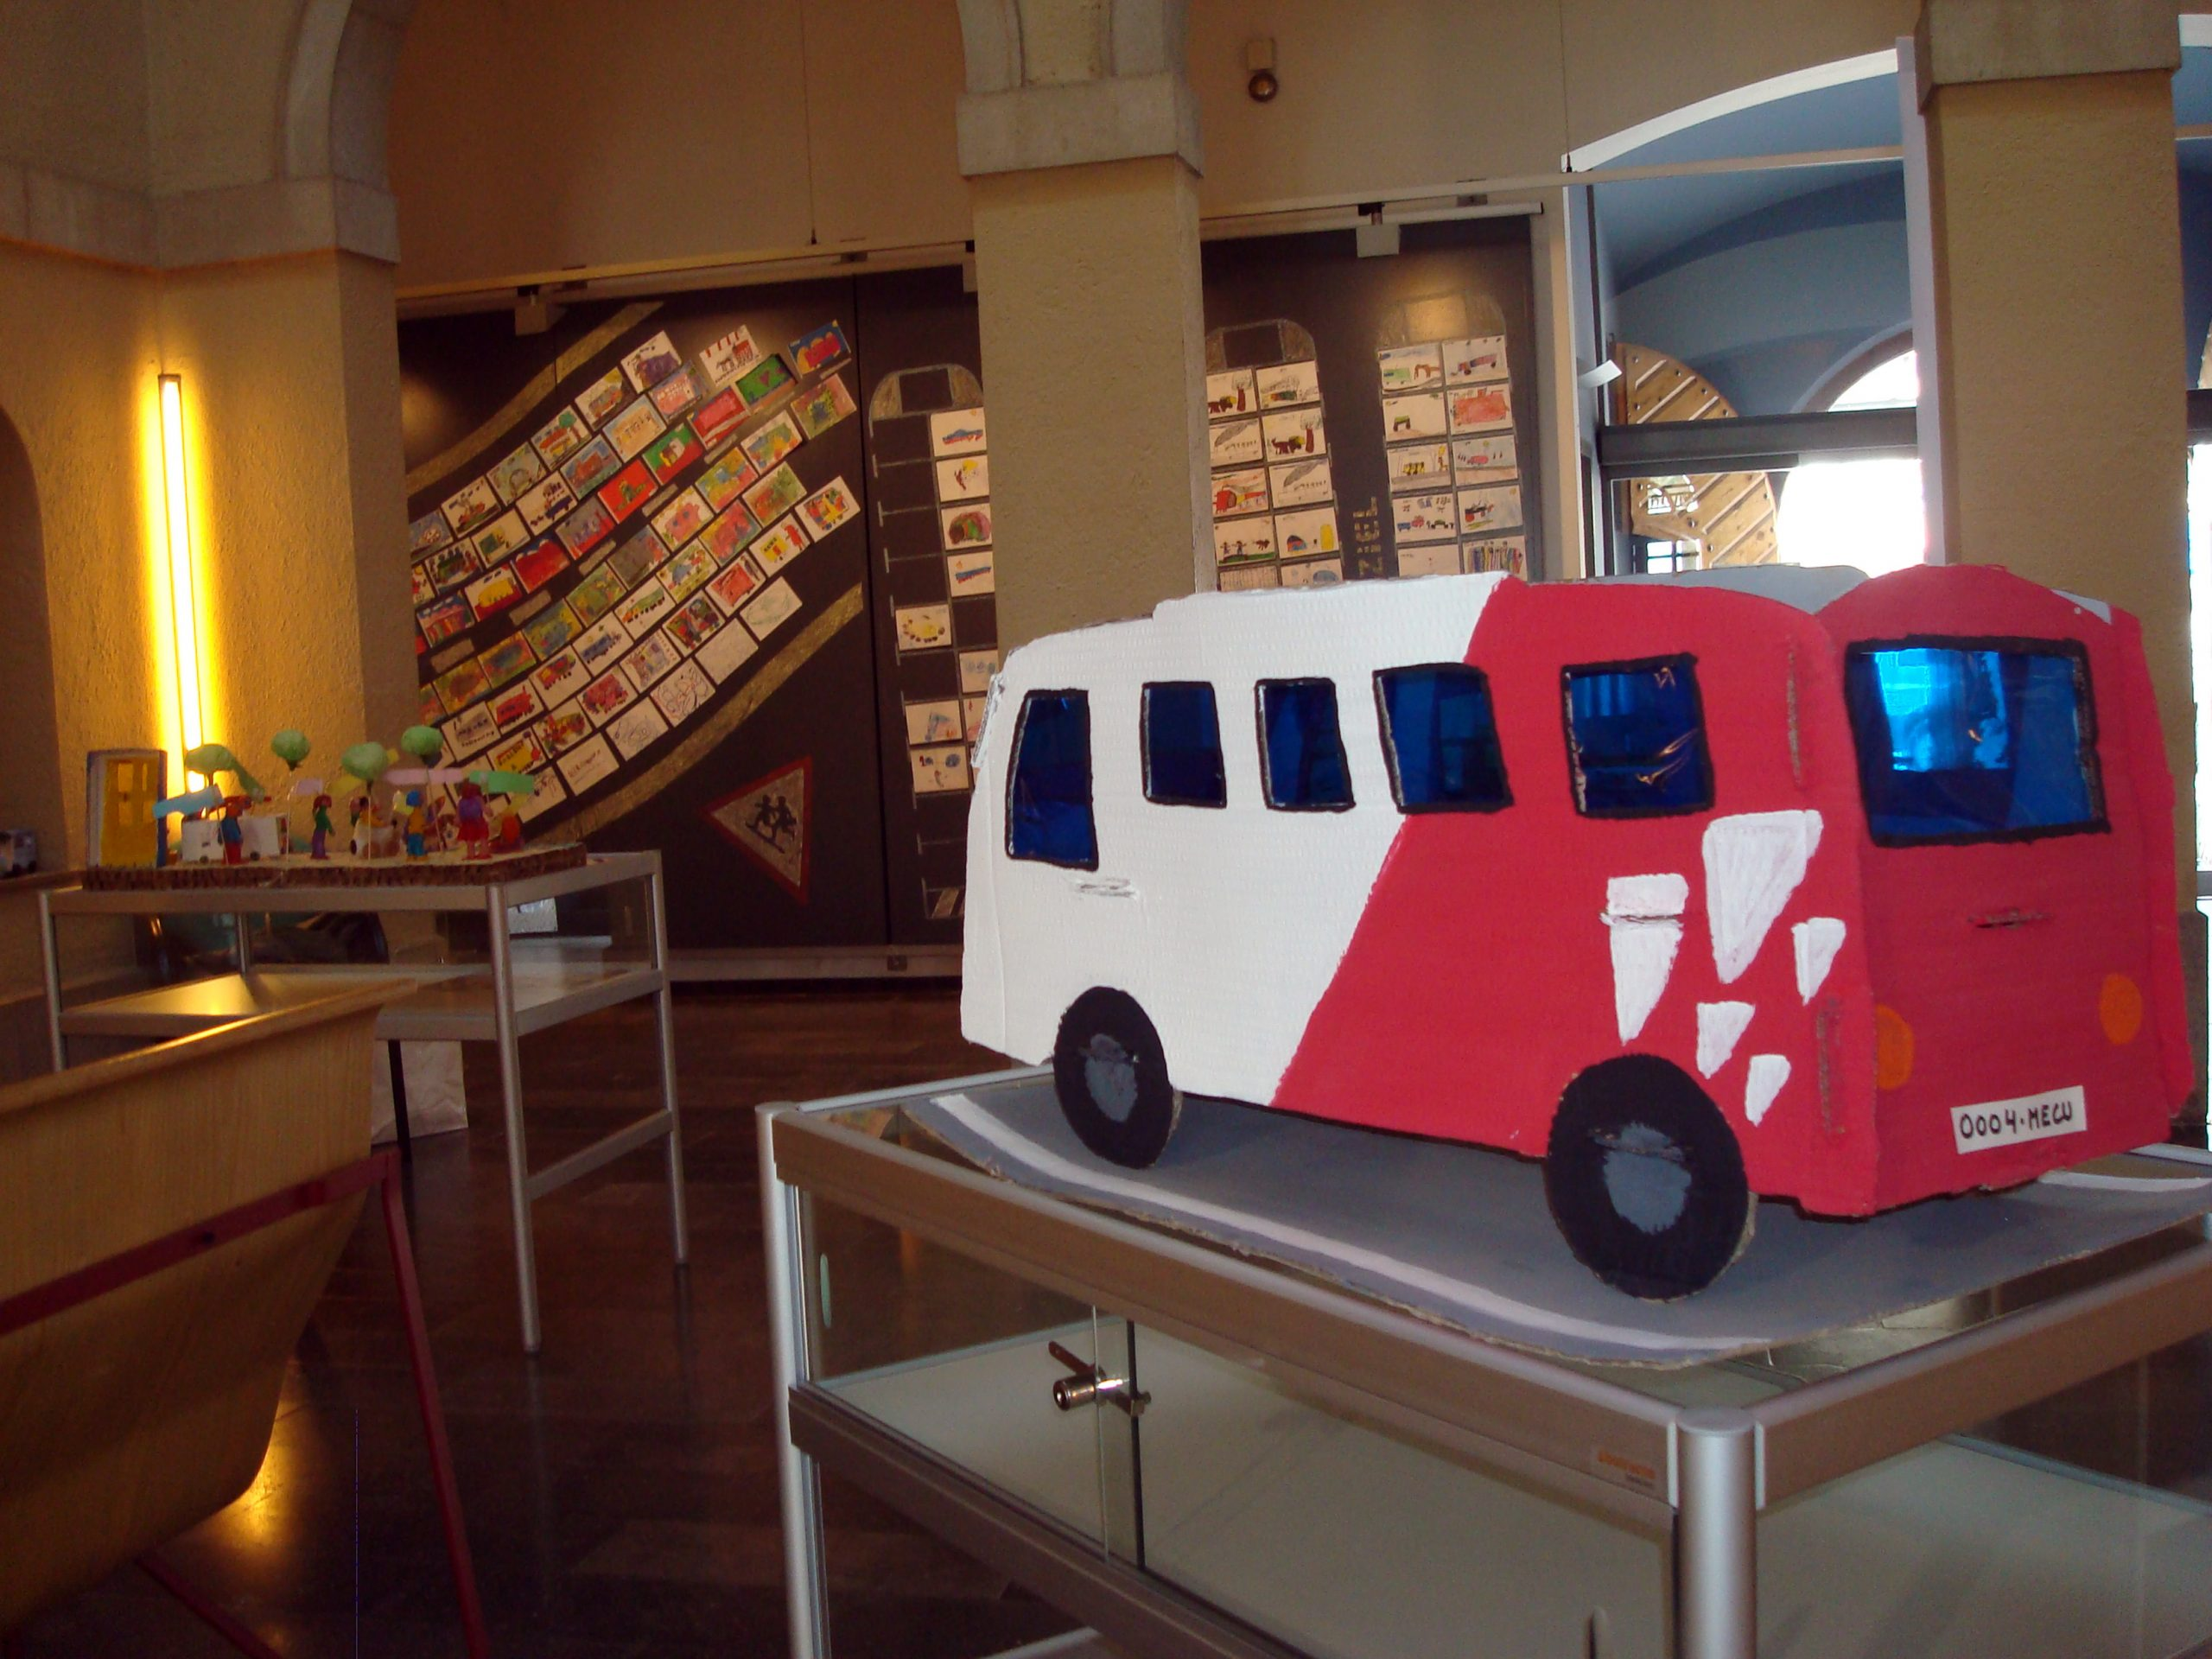 Exposició dels treballs escolars elaborats amb motiu de la Mostra Literària de Sant Jordi, realitzada pels Tallers d'Història l'any 2011 AMSFG. Col·lecció Municipal d'Imatges (Autor: Rosa M. Rourich)